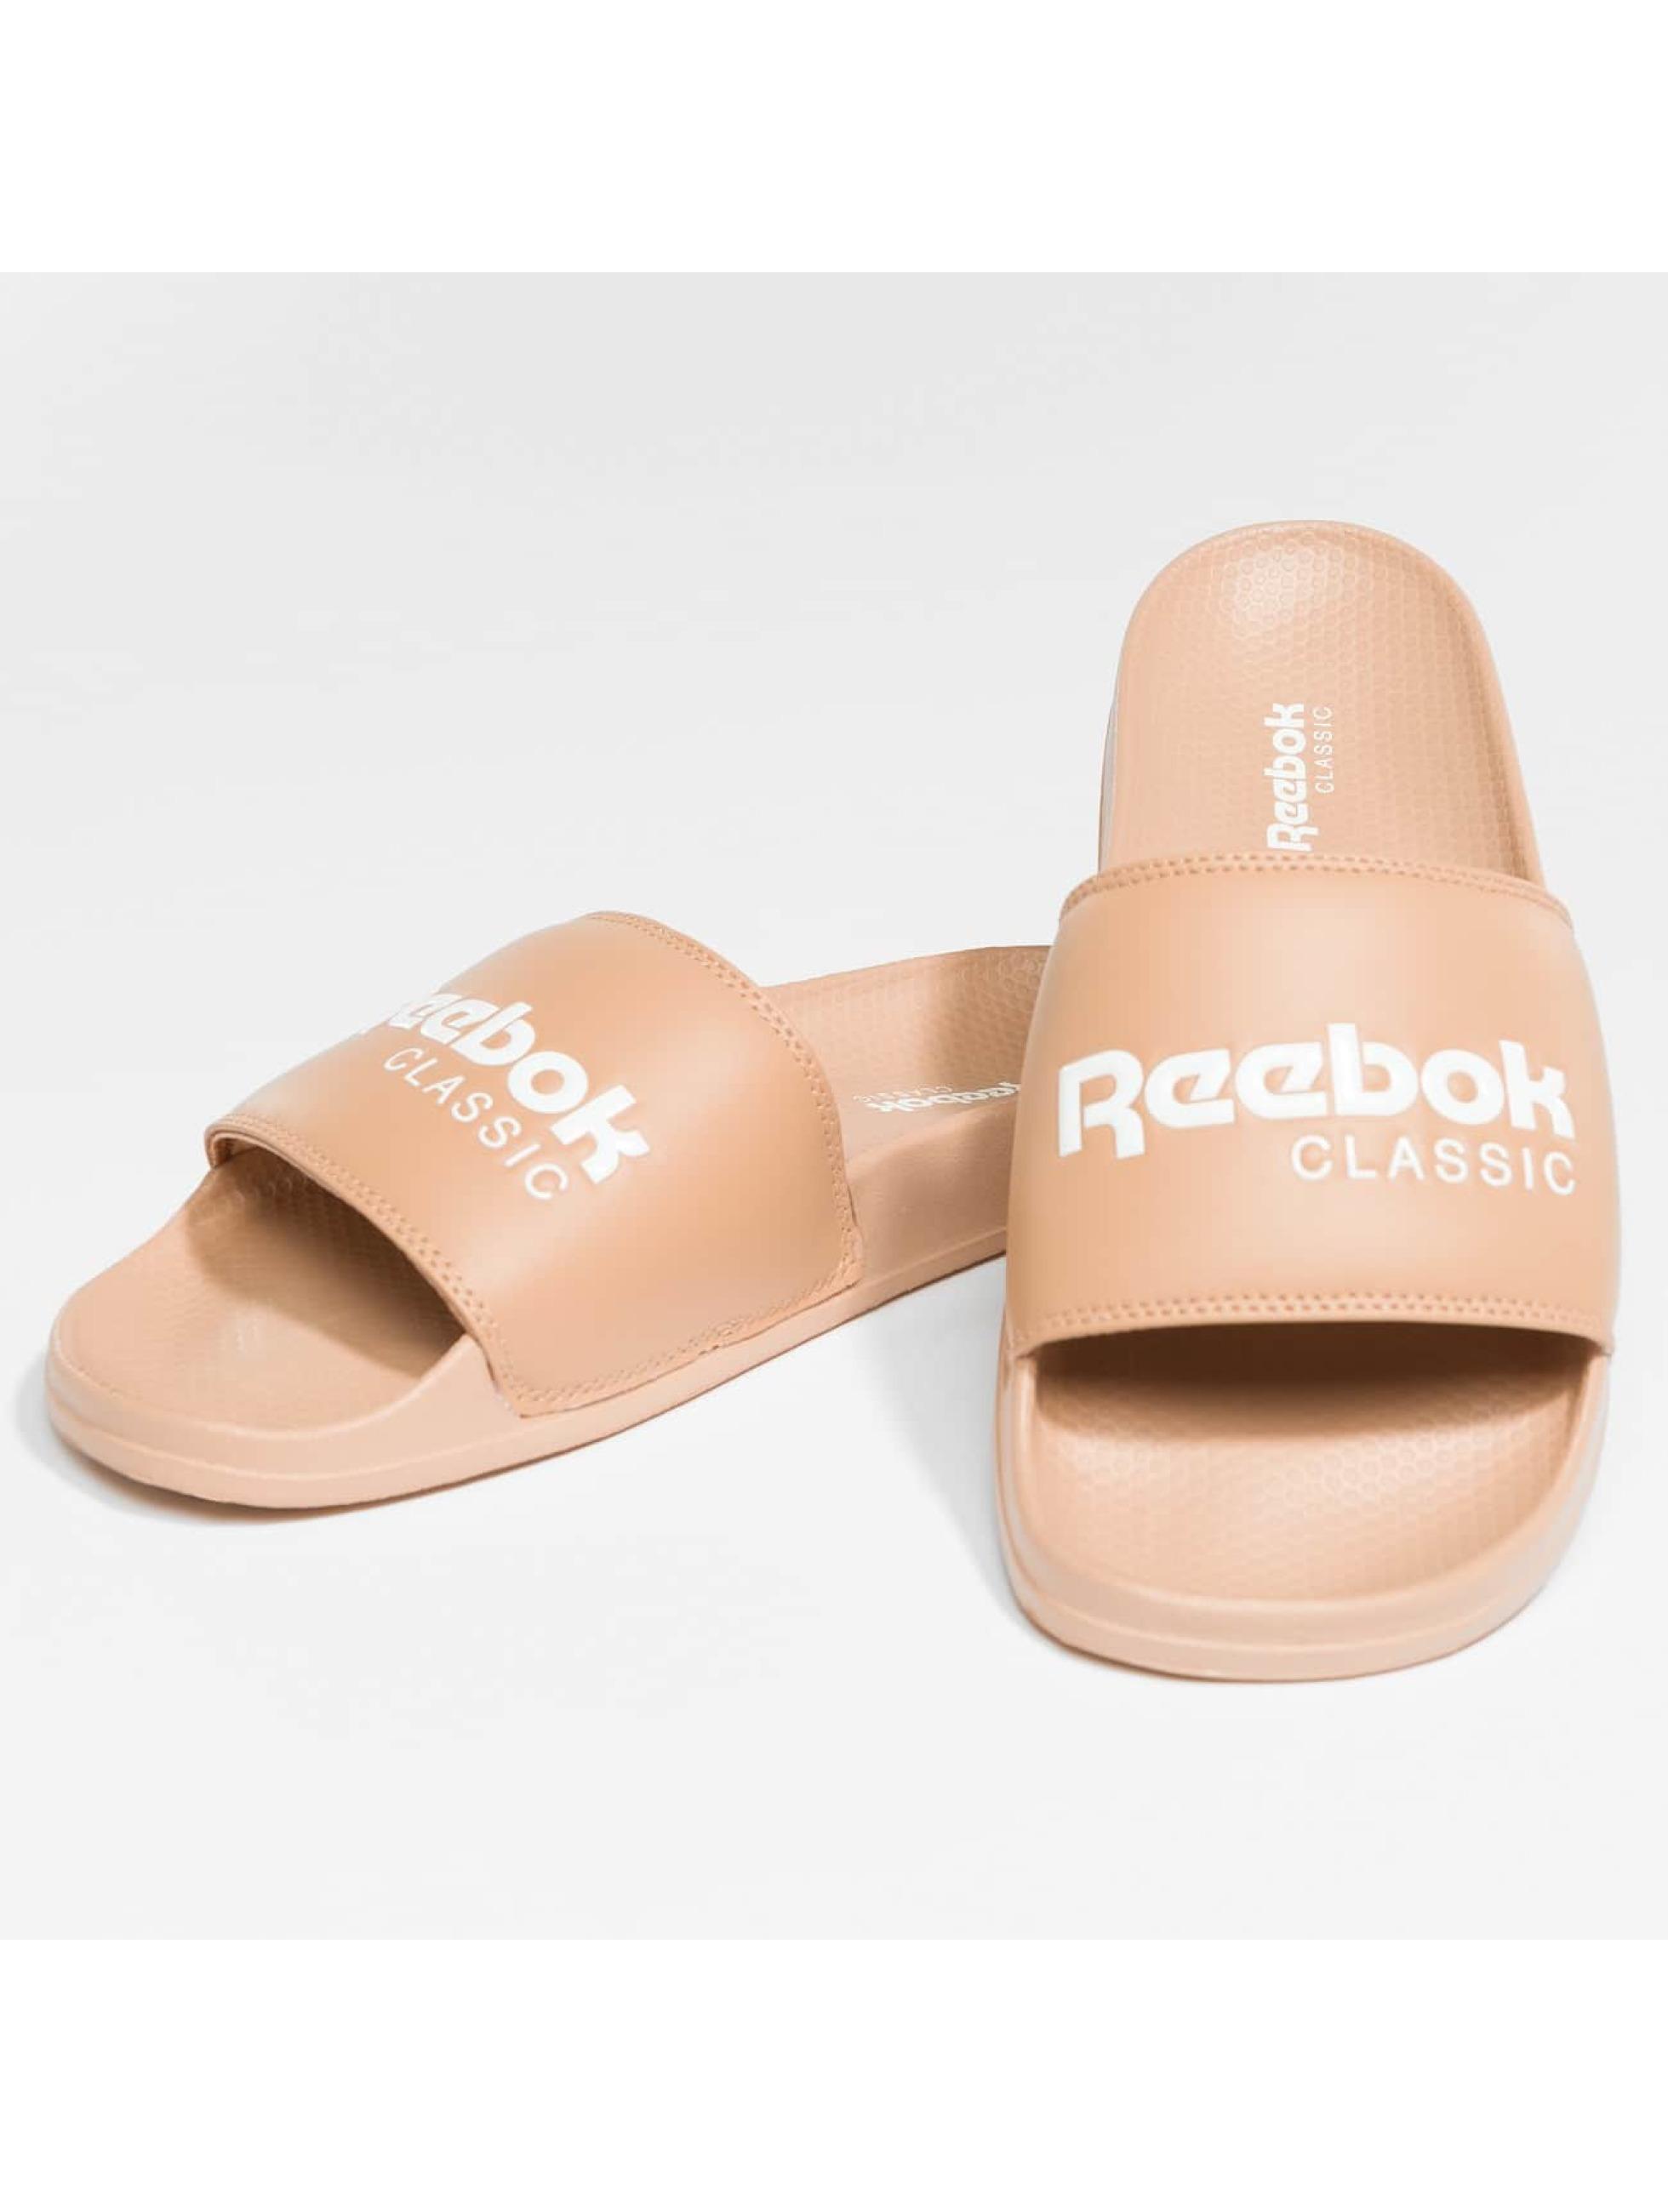 Reebok Badesko/sandaler Classic Slid Field beige